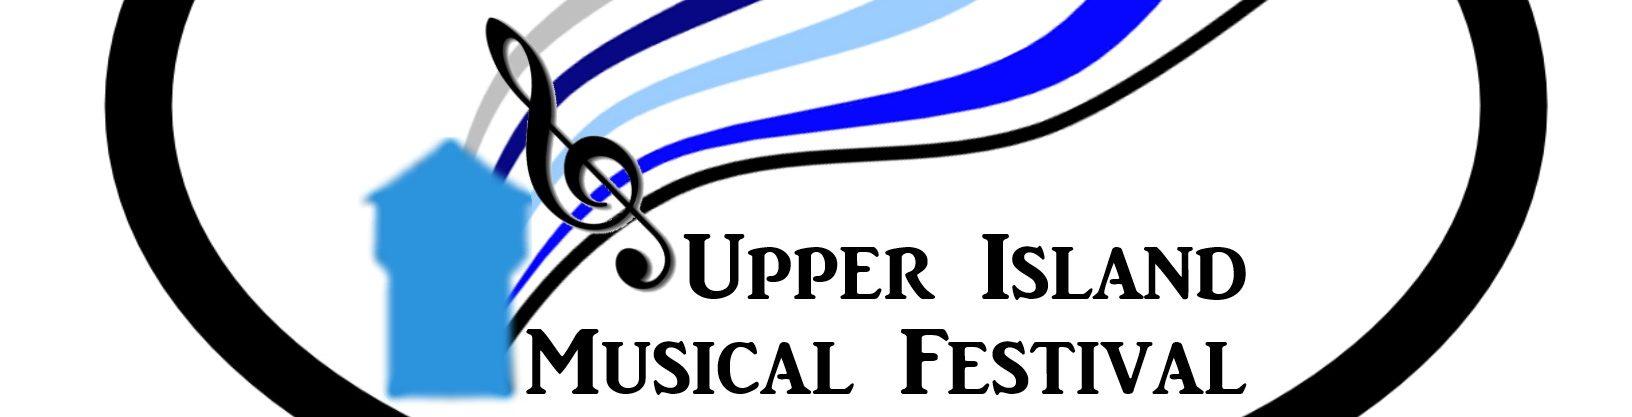 Upper Island Musical Festival